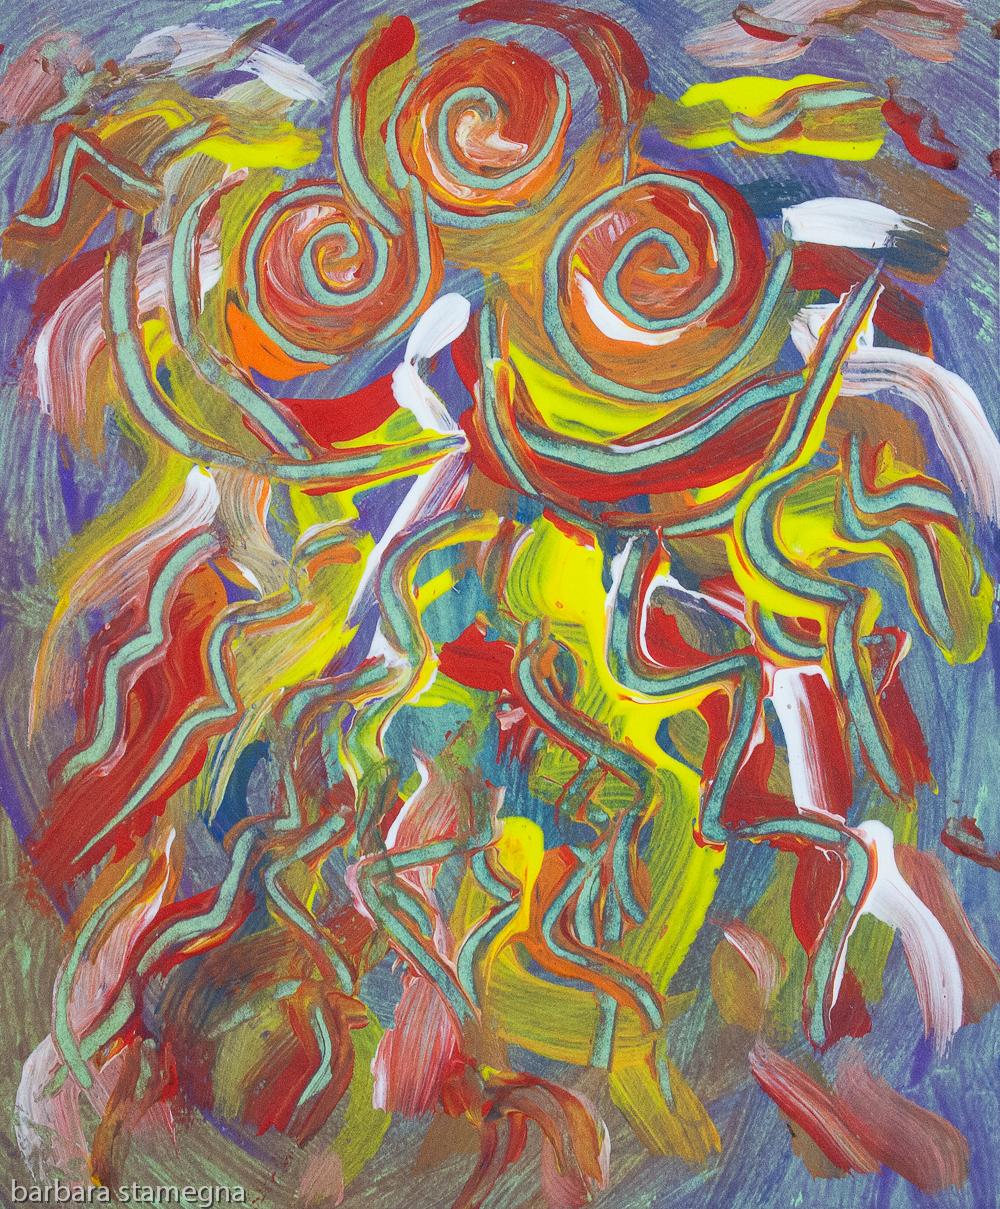 Fire Vortex Abstraction